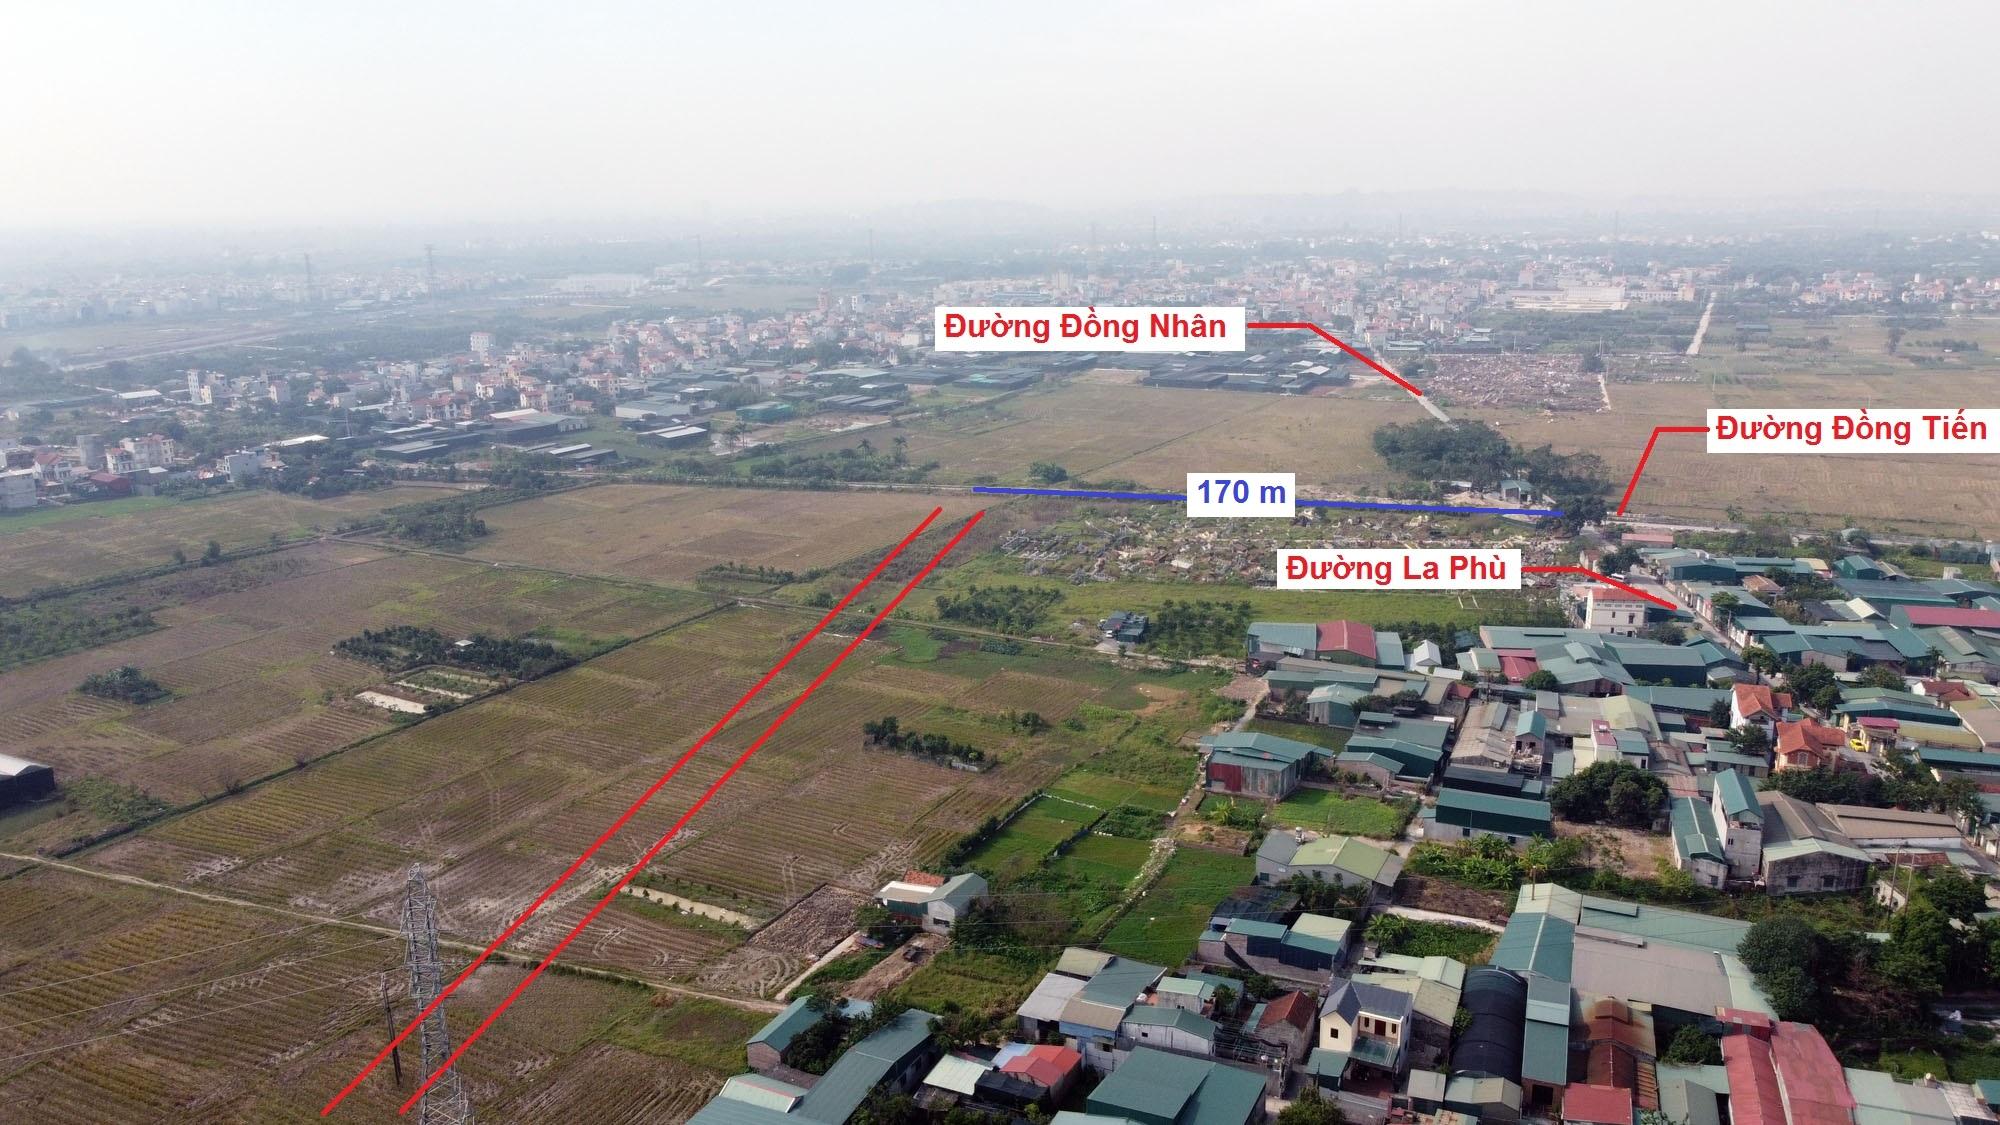 Ba đường sẽ mở theo qui hoạch ở xã La Phù, Hoài Đức, Hà Nội - Ảnh 8.